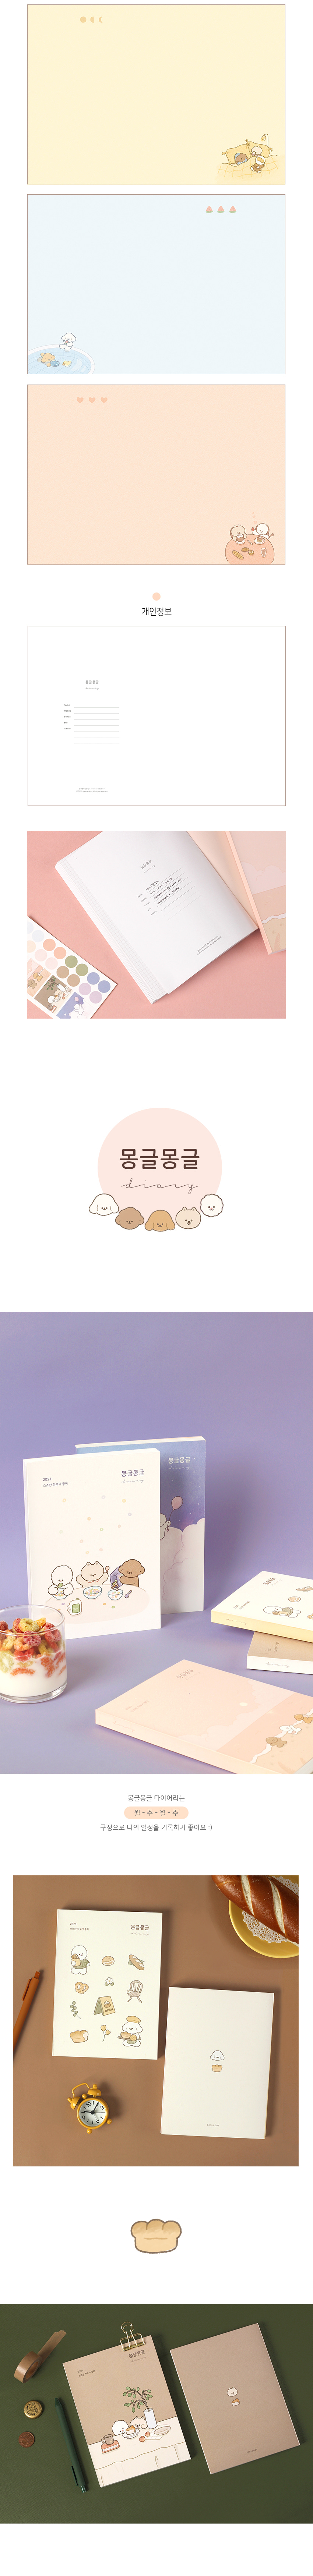 2021 몽글몽글 다이어리 (날짜형) - 대시앤도트, 11,520원, 2021다이어리, 일러스트